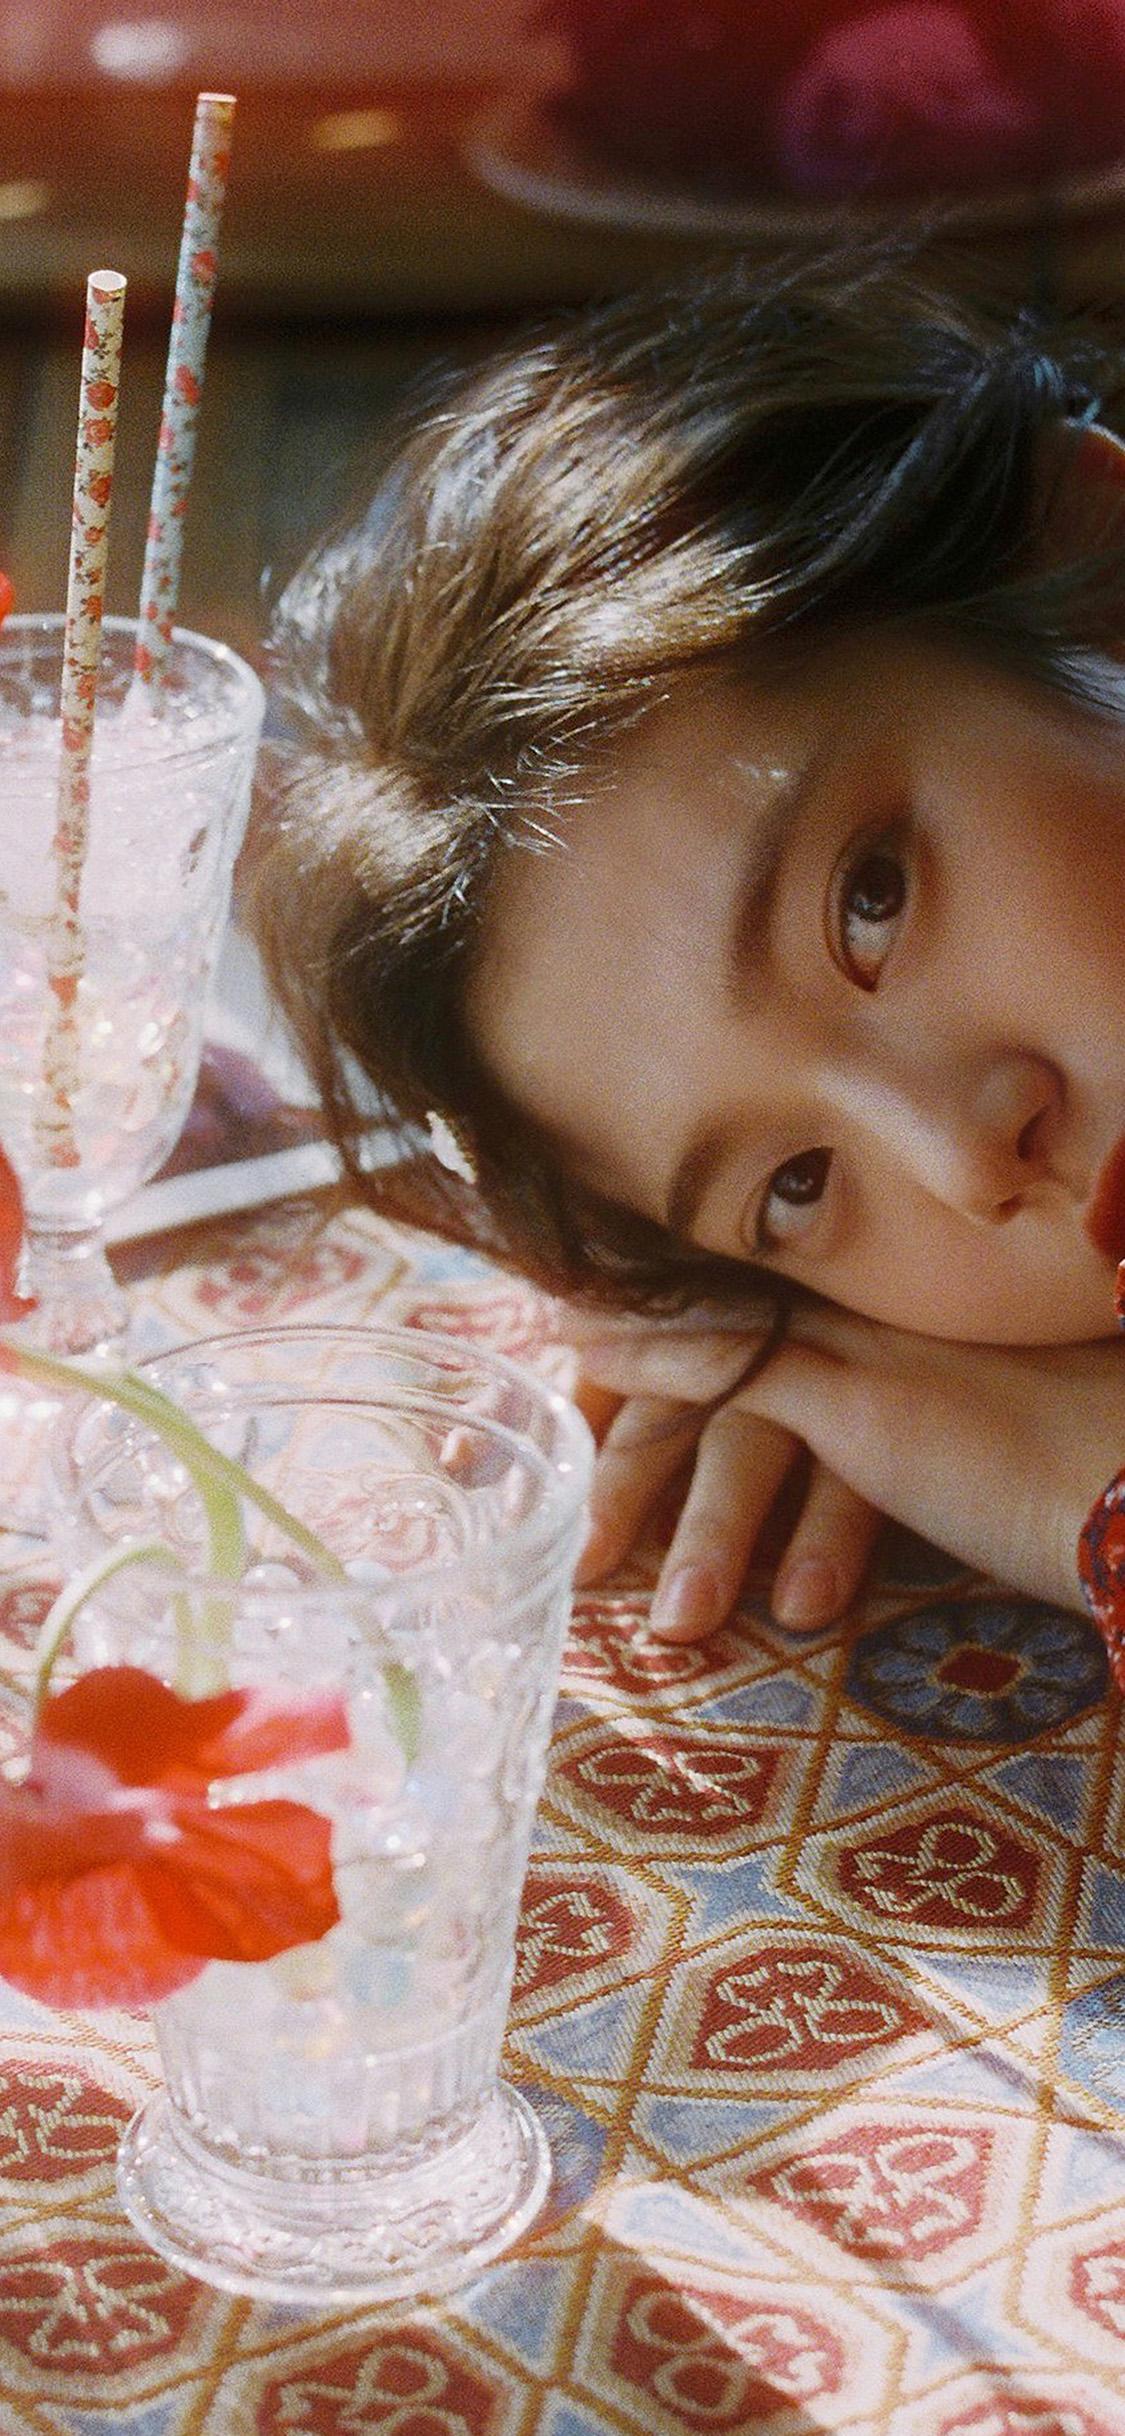 iPhonexpapers.com-Apple-iPhone-wallpaper-hr21-flower-red-girl-asian-kpop-dress-summer